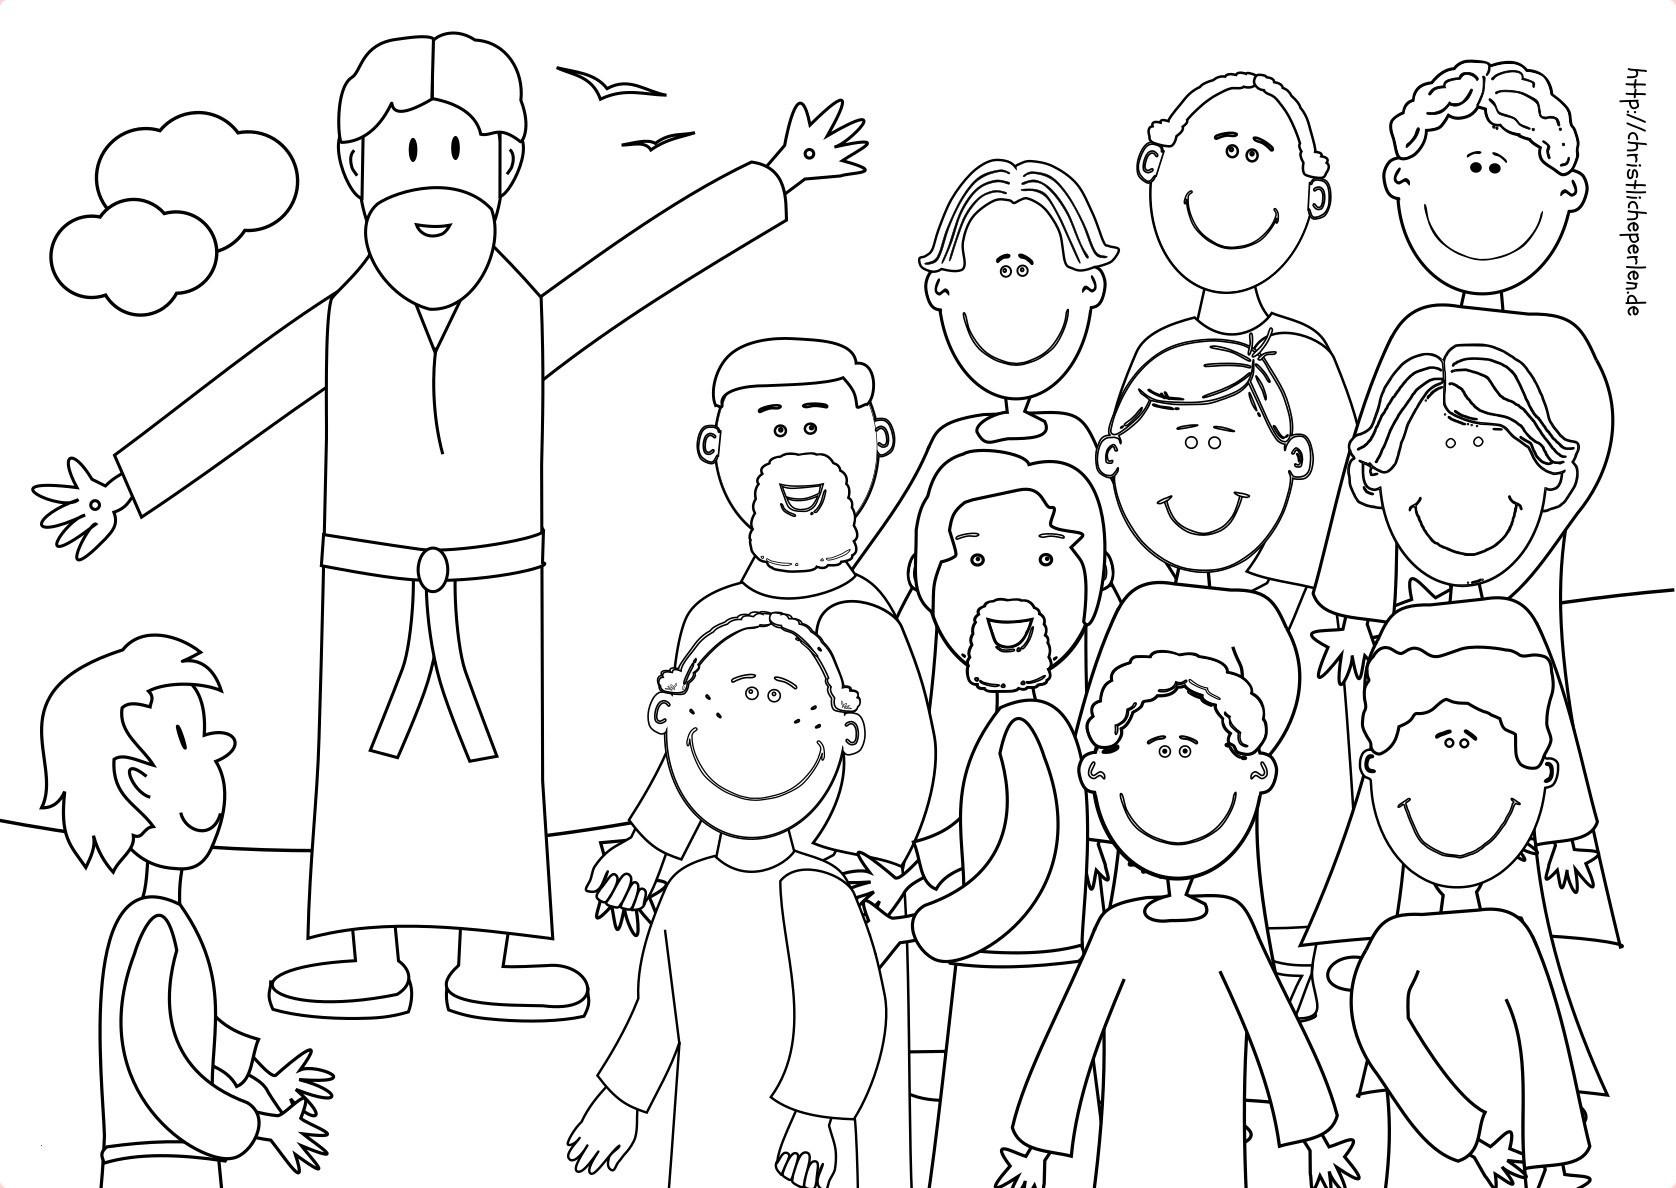 Jakob Und Esau Ausmalbilder Einzigartig Ausmalbilder Zu Himmelfahrt Frisch Jakob Und Esau Ausmalbilder Schön Bilder